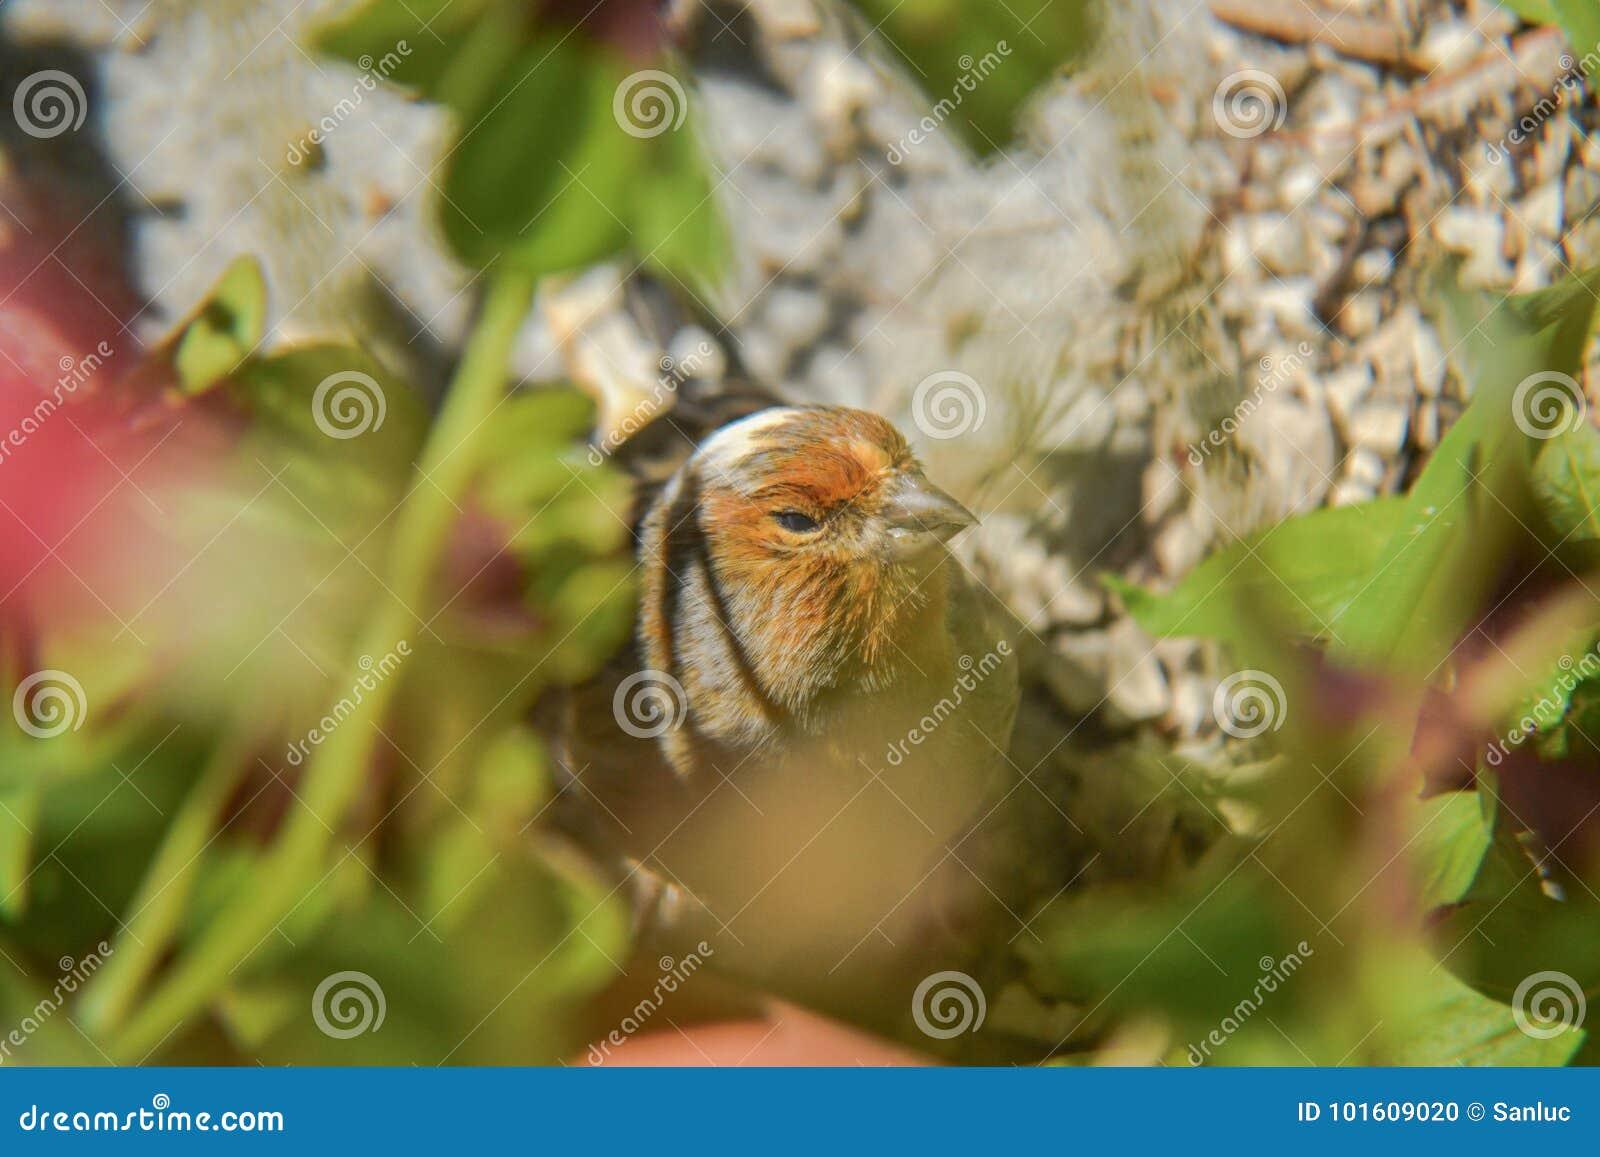 Canário alaranjado pequeno do pássaro escondido na grama